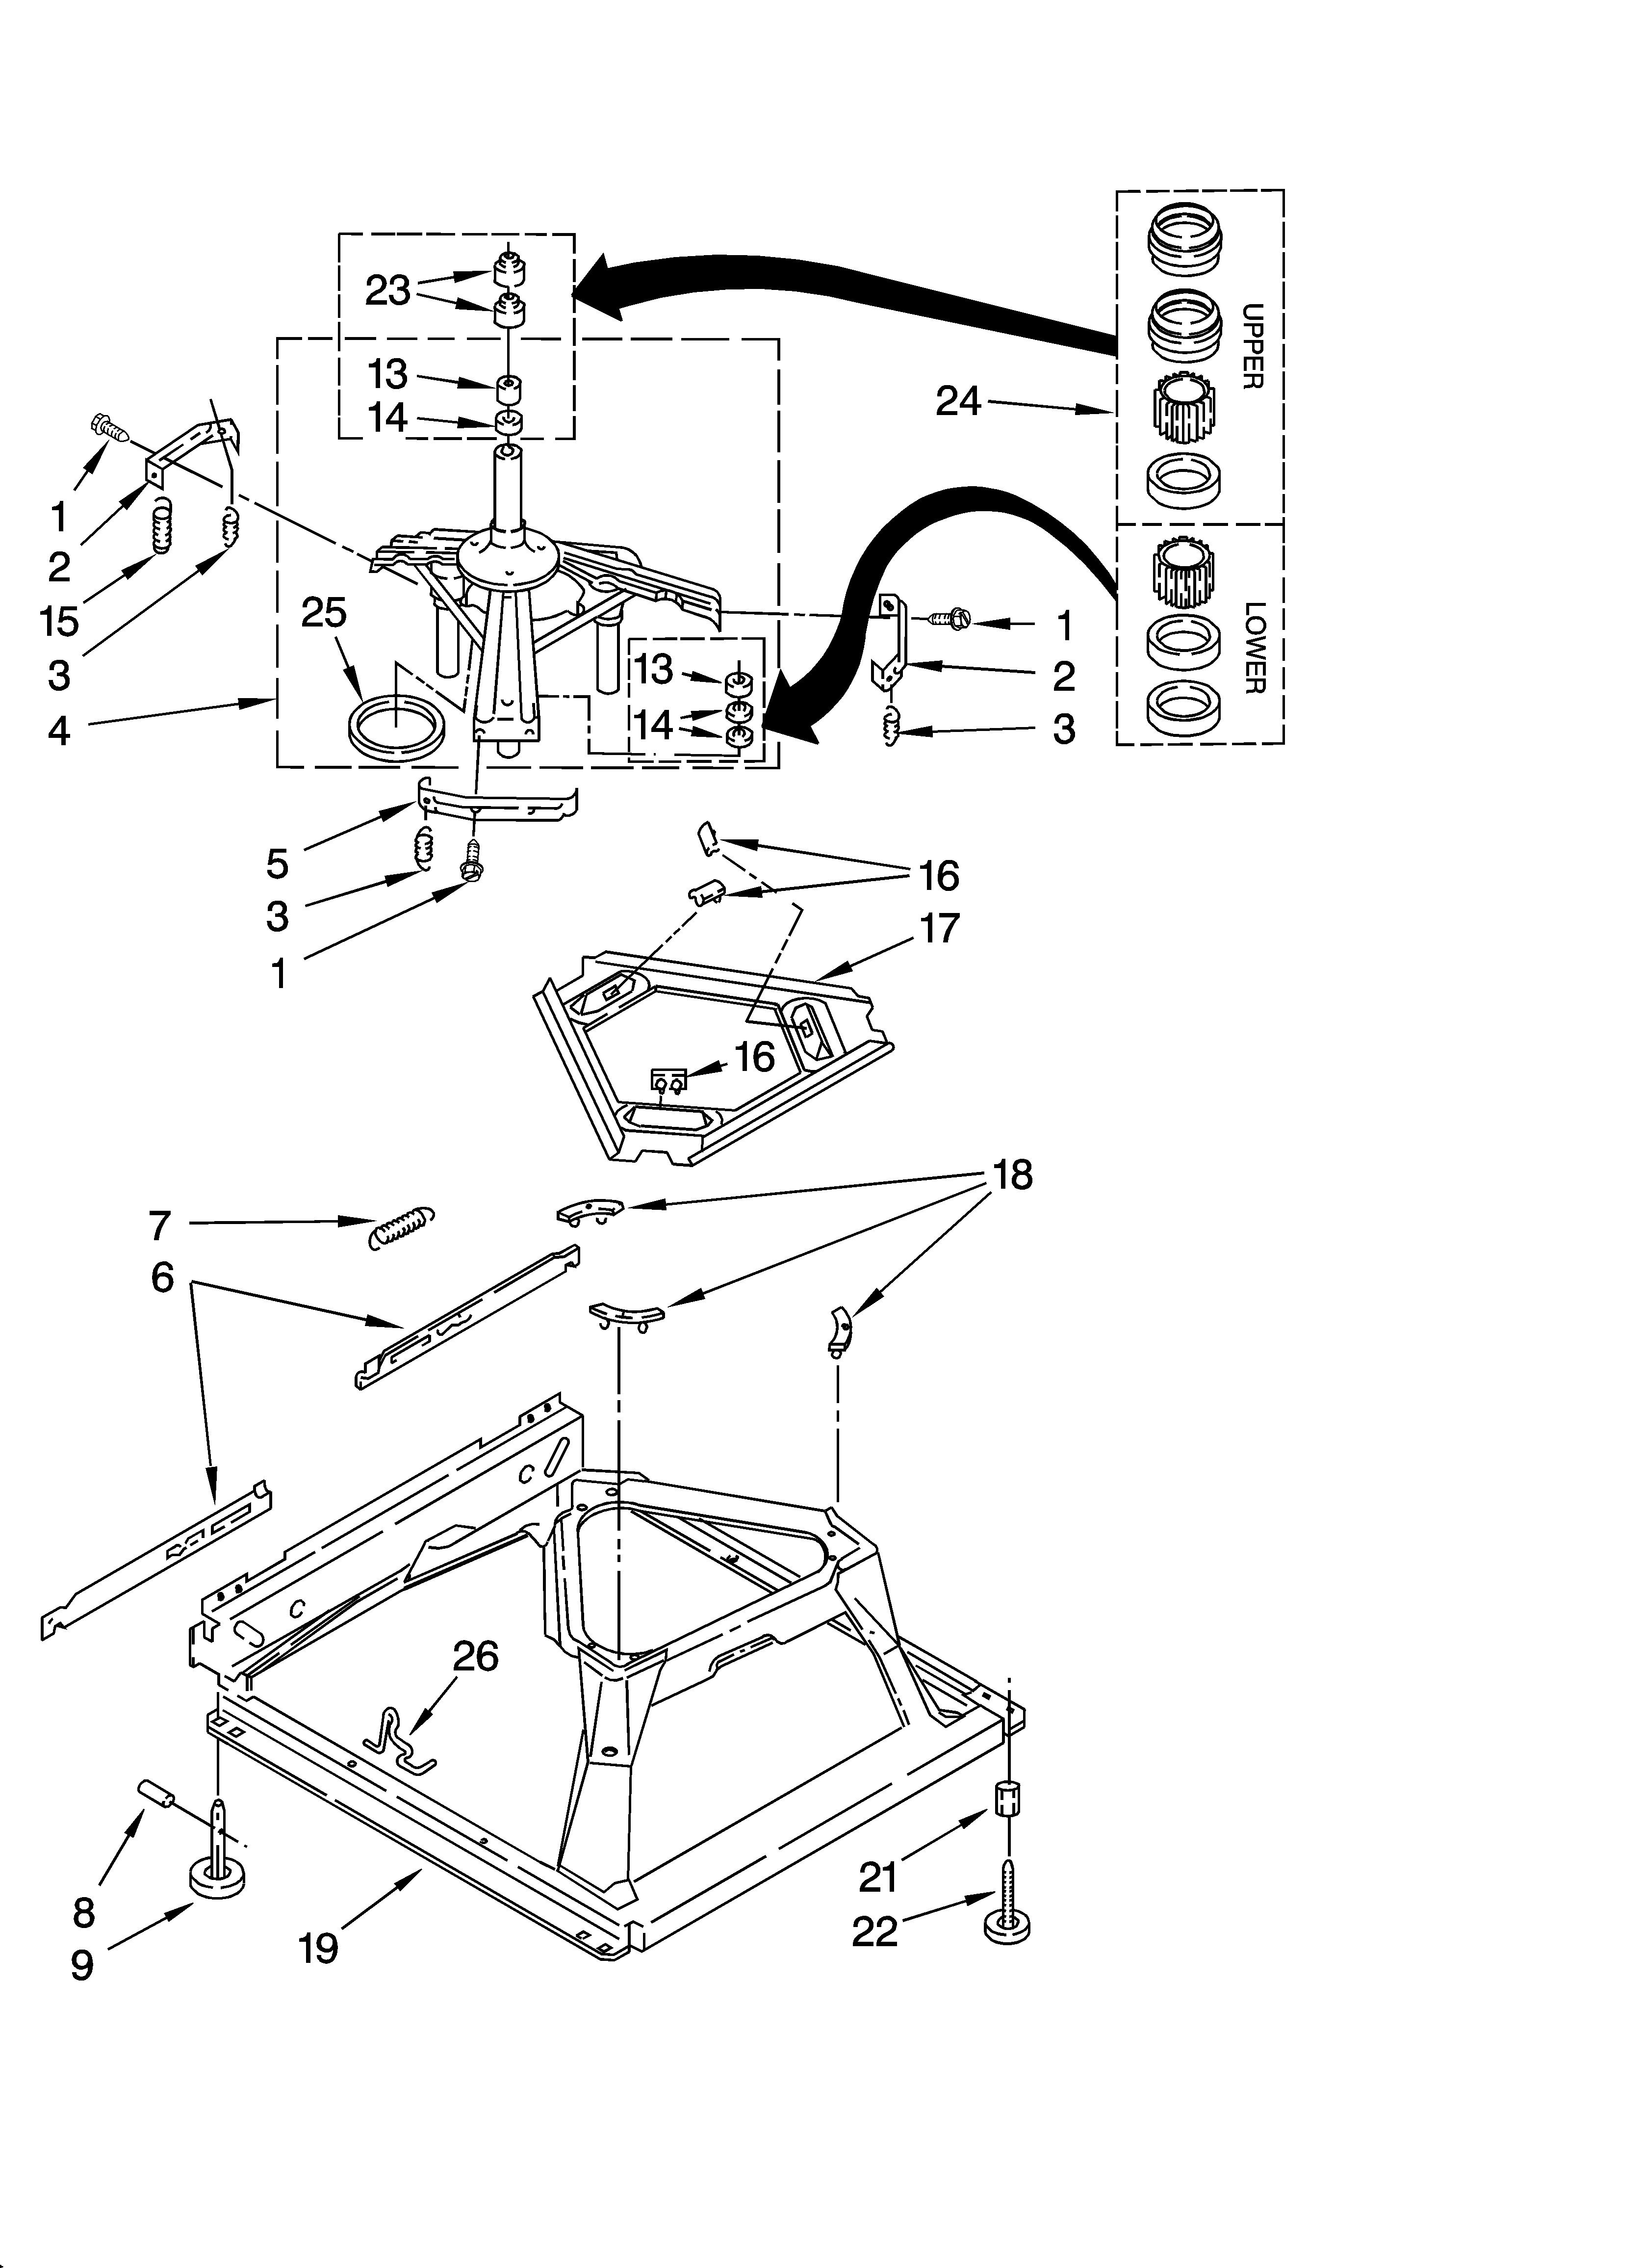 kenmore dishwasher 665.15862992 instruction